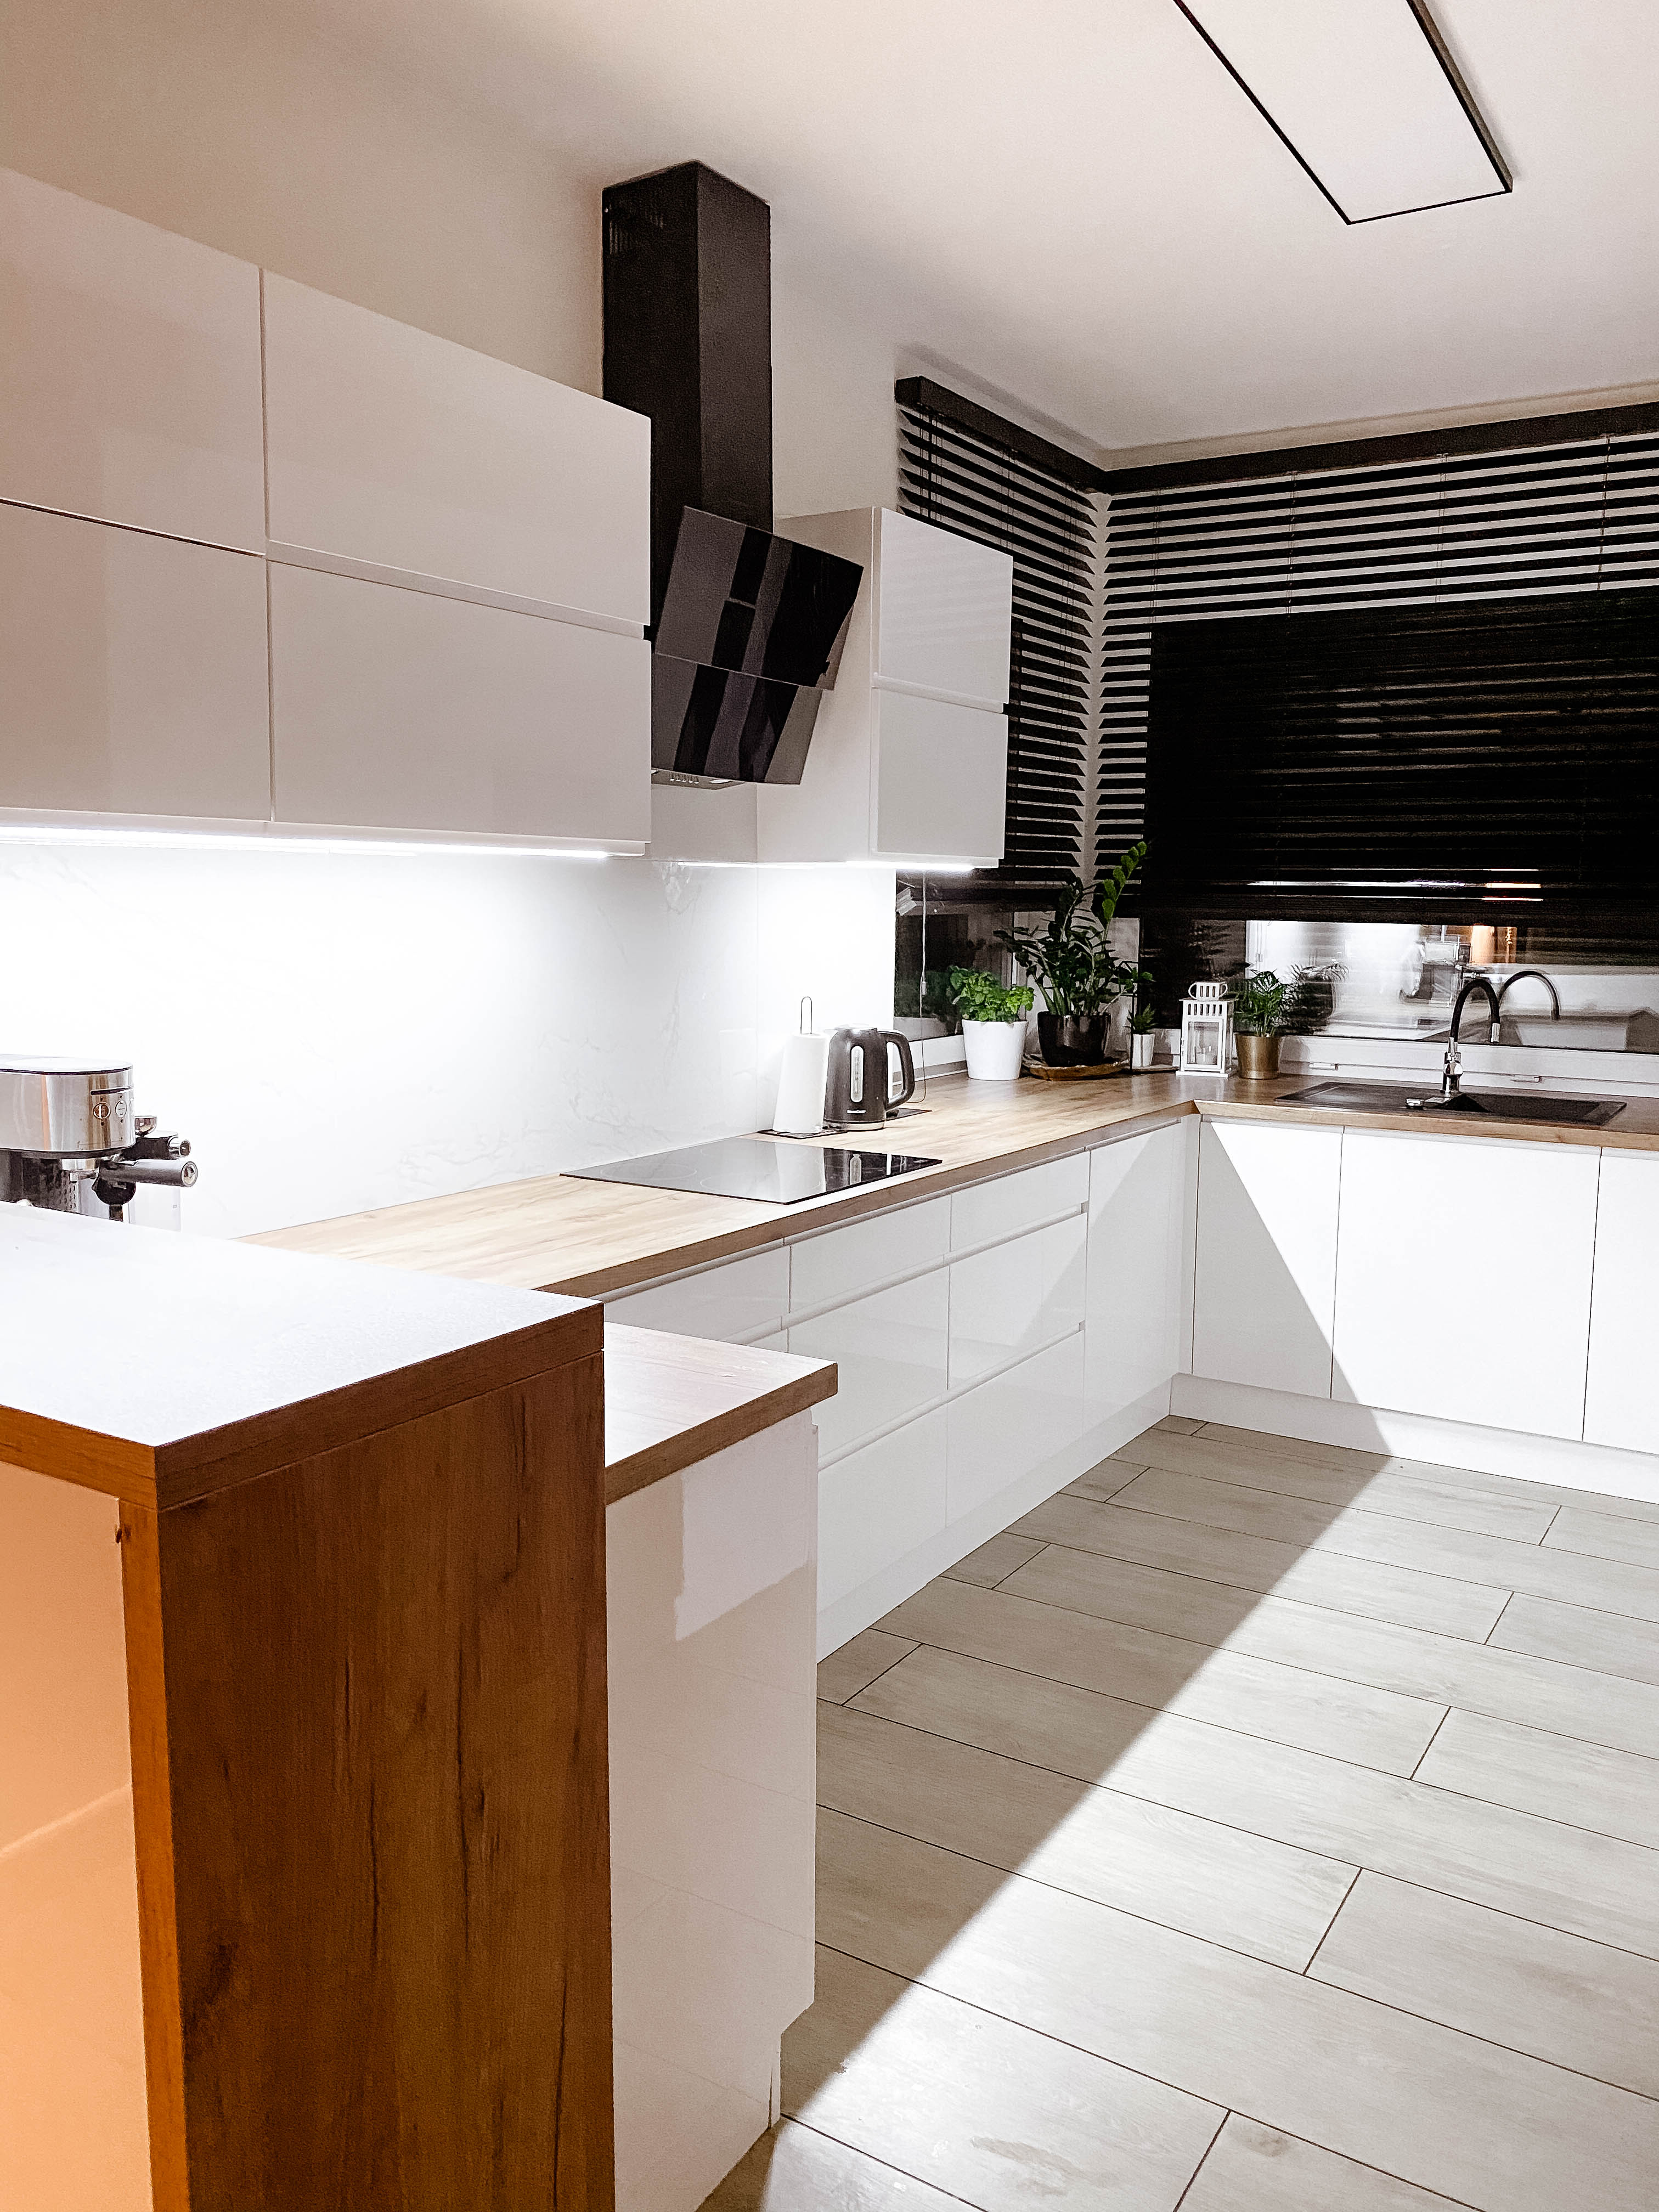 biała kuchnia czarne żaluzje nasze domowe pielesze